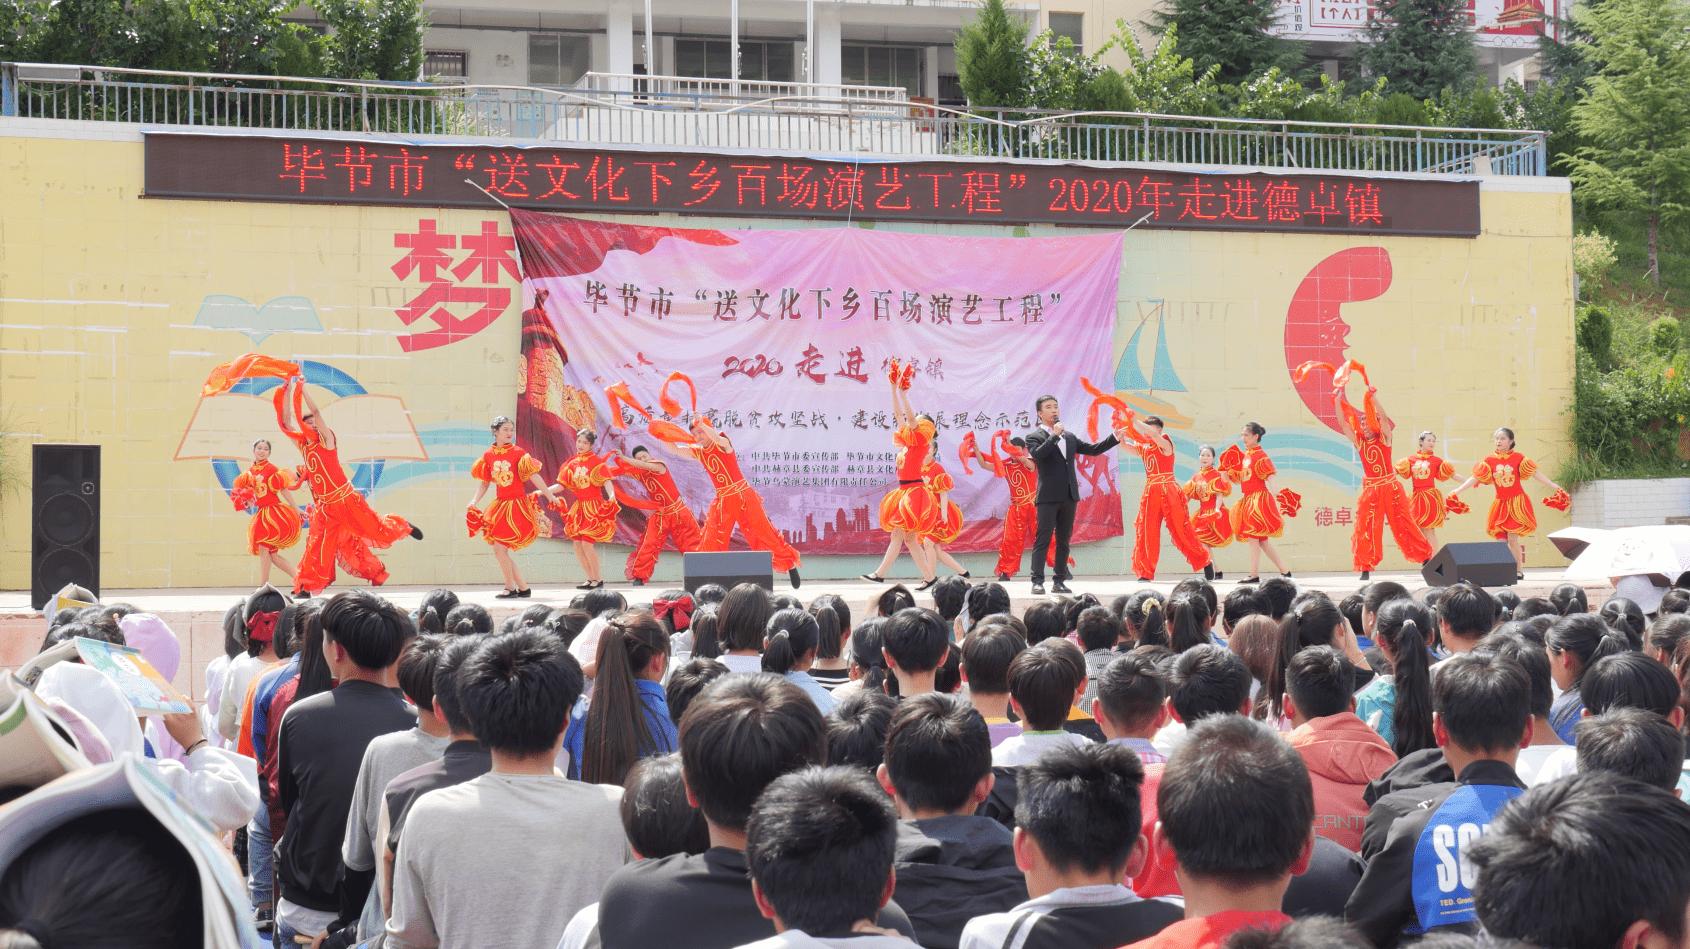 """2020年贵州毕节""""送文化下乡百场演艺工程""""活动完成"""